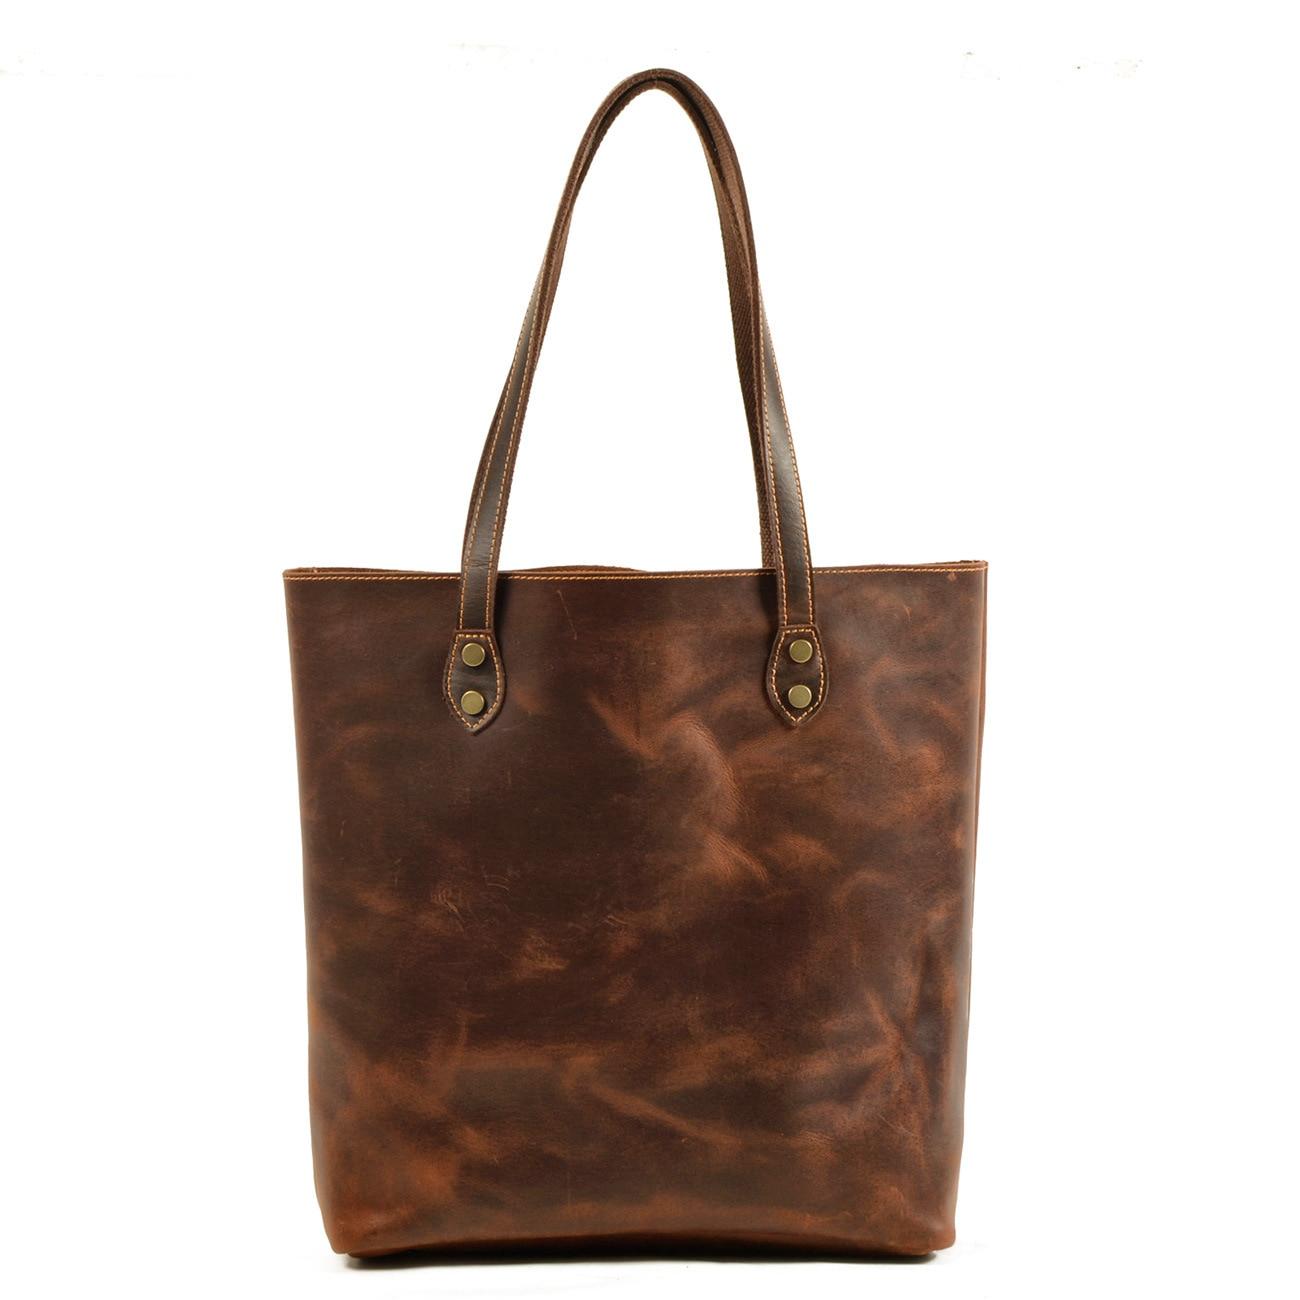 2020 جديد حقيبة يد المرأة حقائب جلدية الكتف حقيبة جلدية المرأة حمل حقيبة